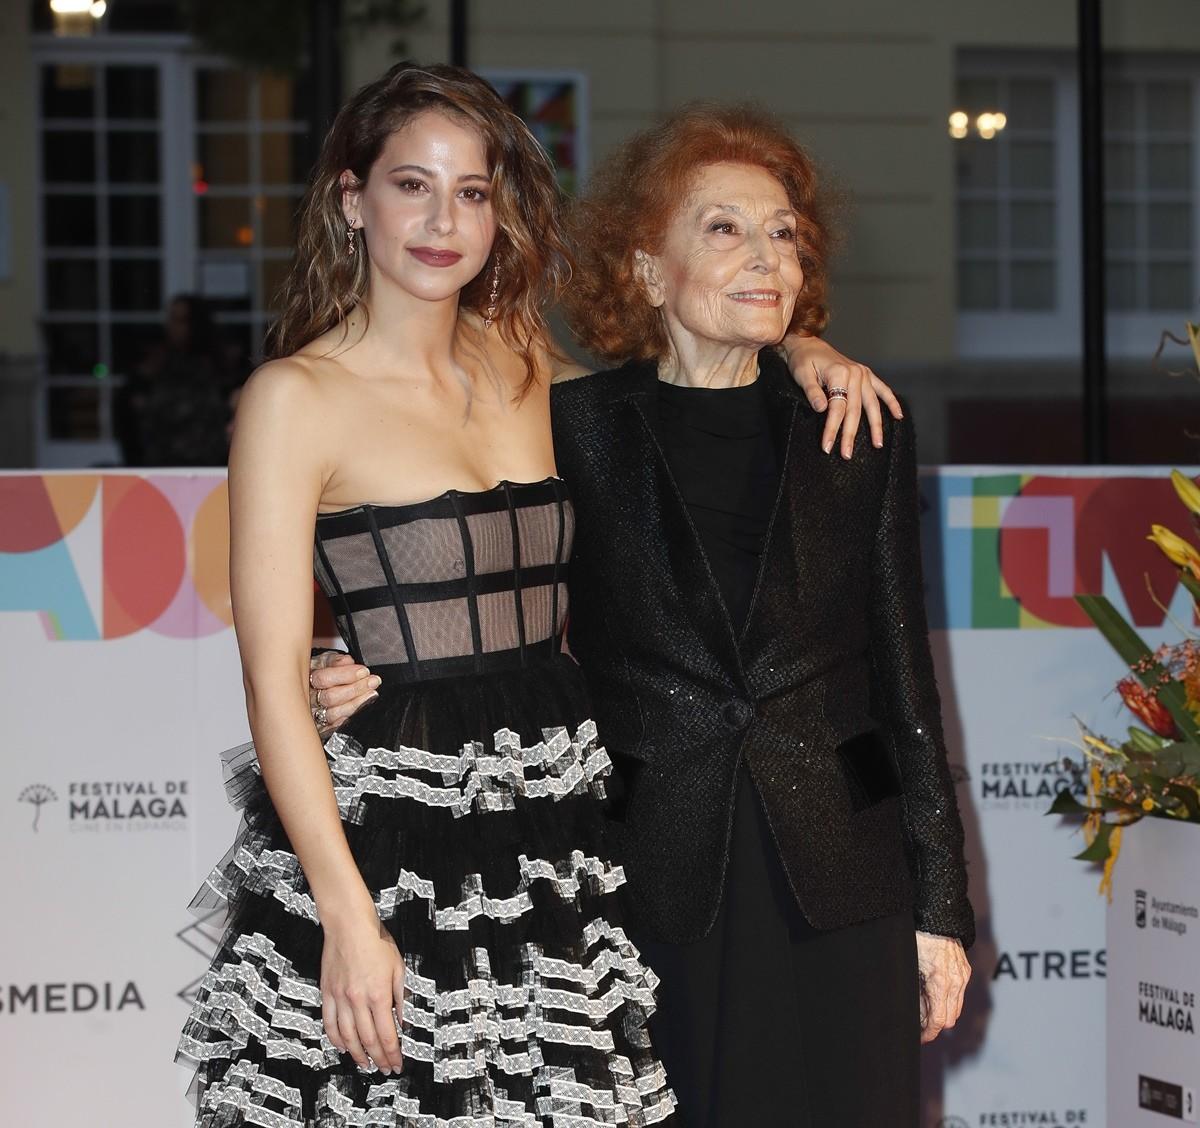 62686975a Las mejor vestidas de la alfombra roja de inauguración del 22º Festival de  cine de Málaga